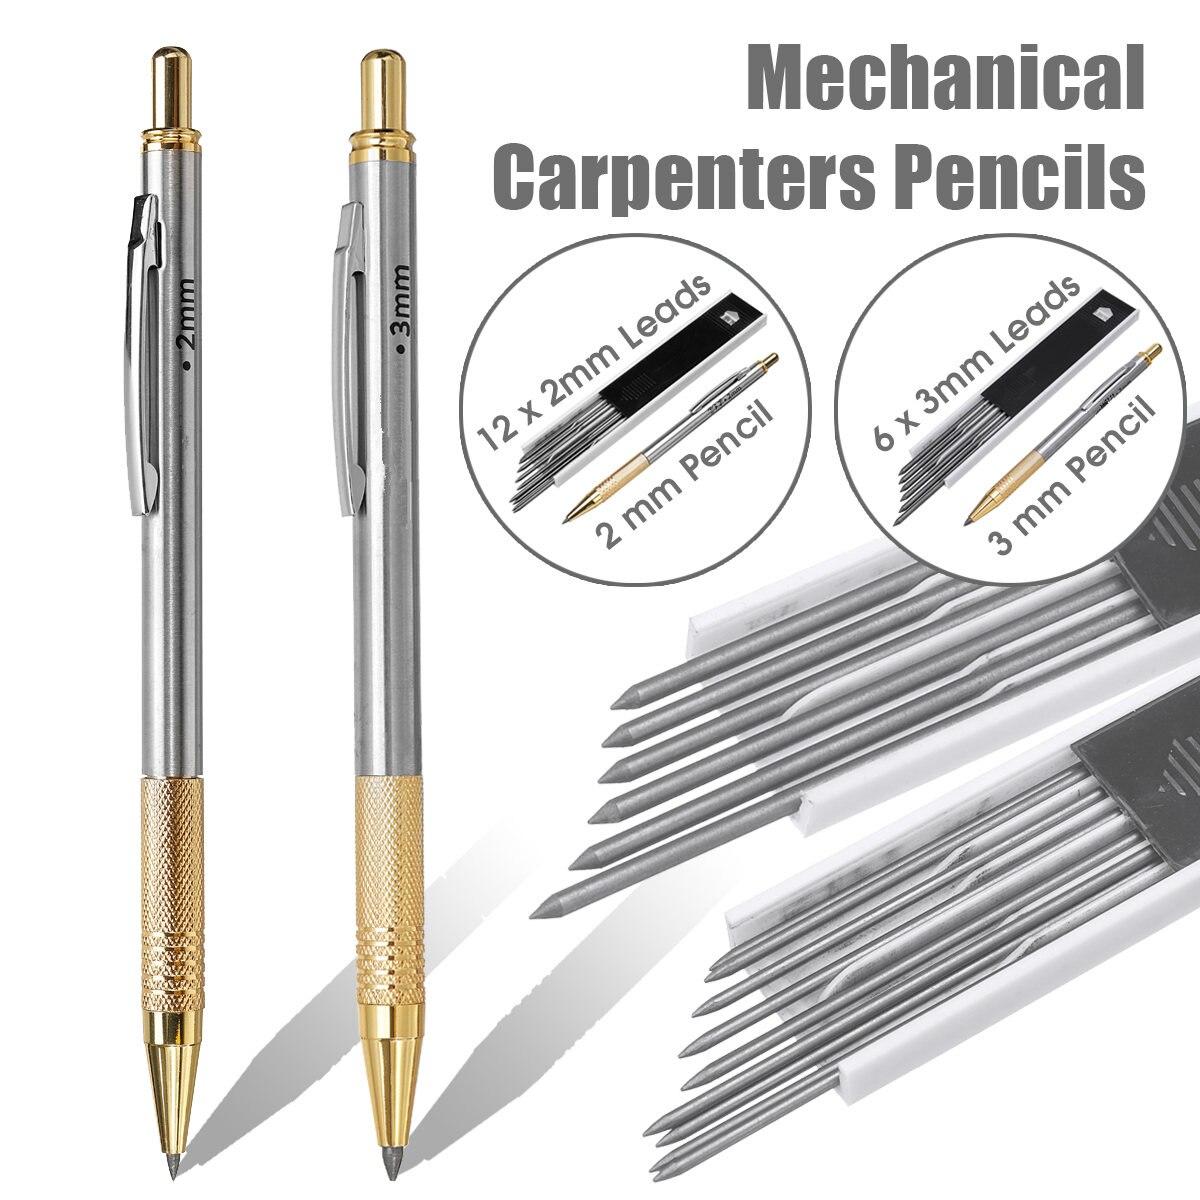 2mm/3mm leva lápis mecânicos para os construtores de carpinteiros embreagem 2b lápis com chumbo para desenho de marcação escola escritório